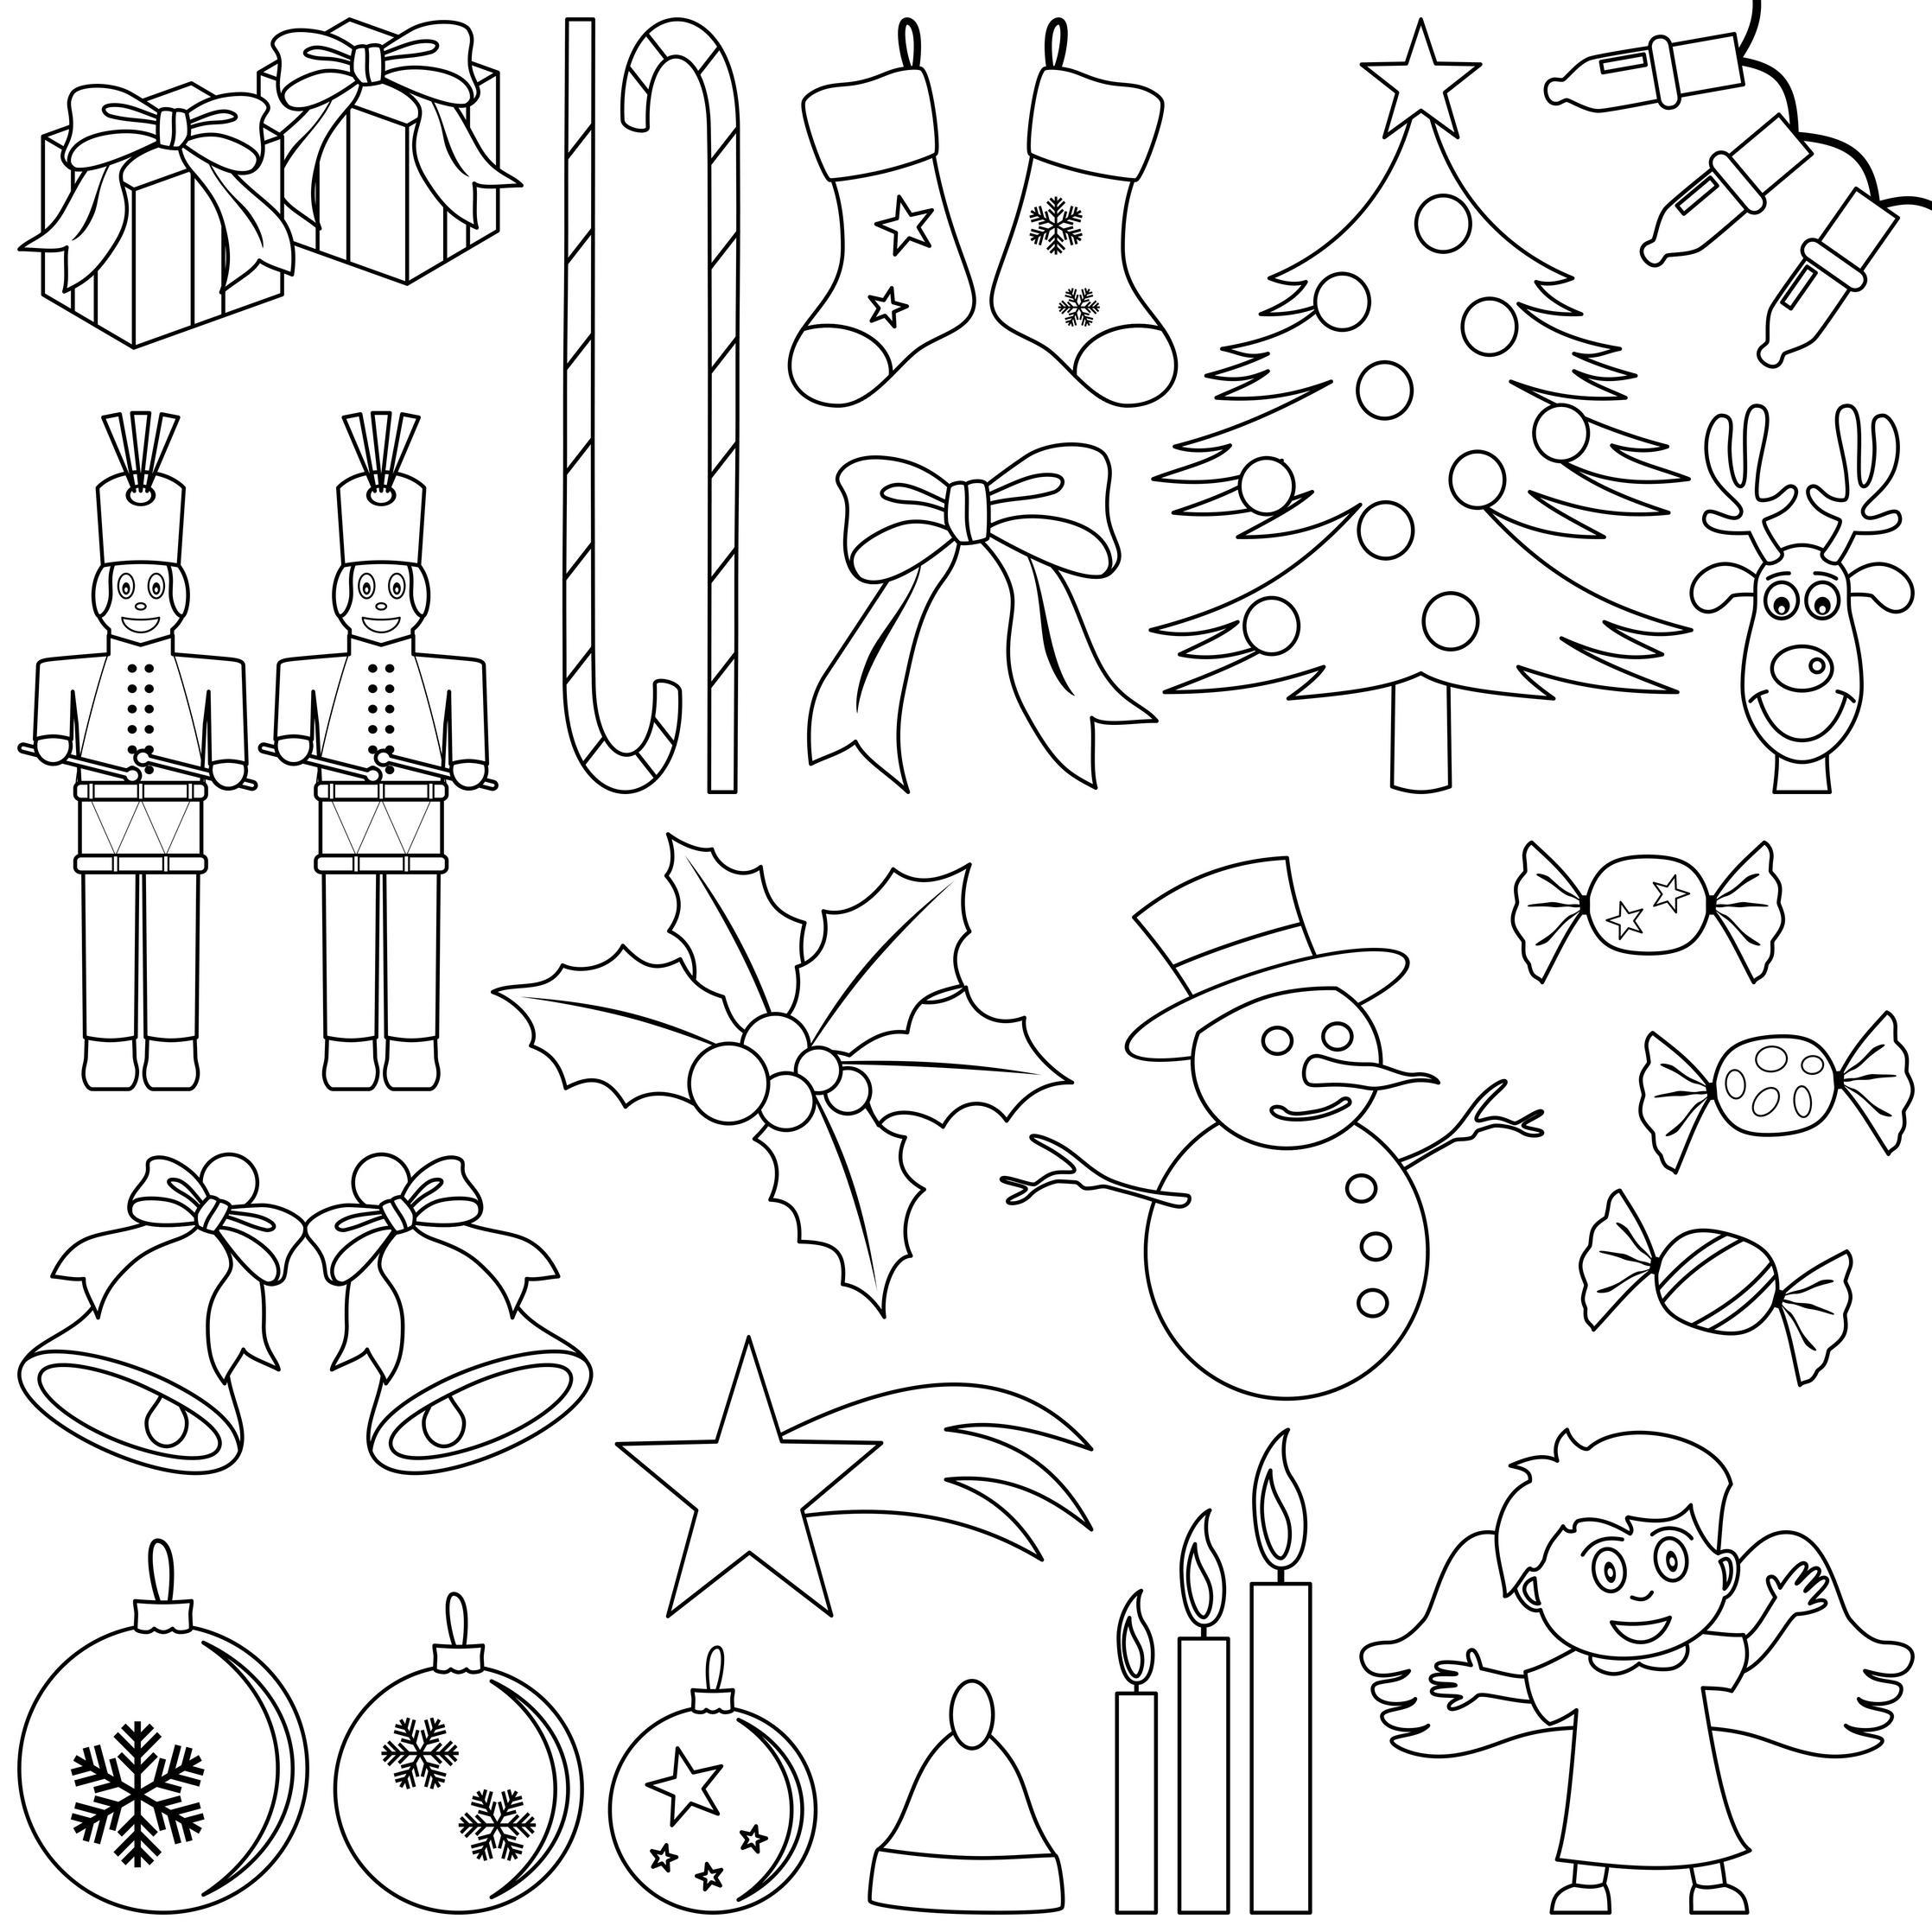 10 Noi Planse De Colorat Despre Craciun Simboluri Si